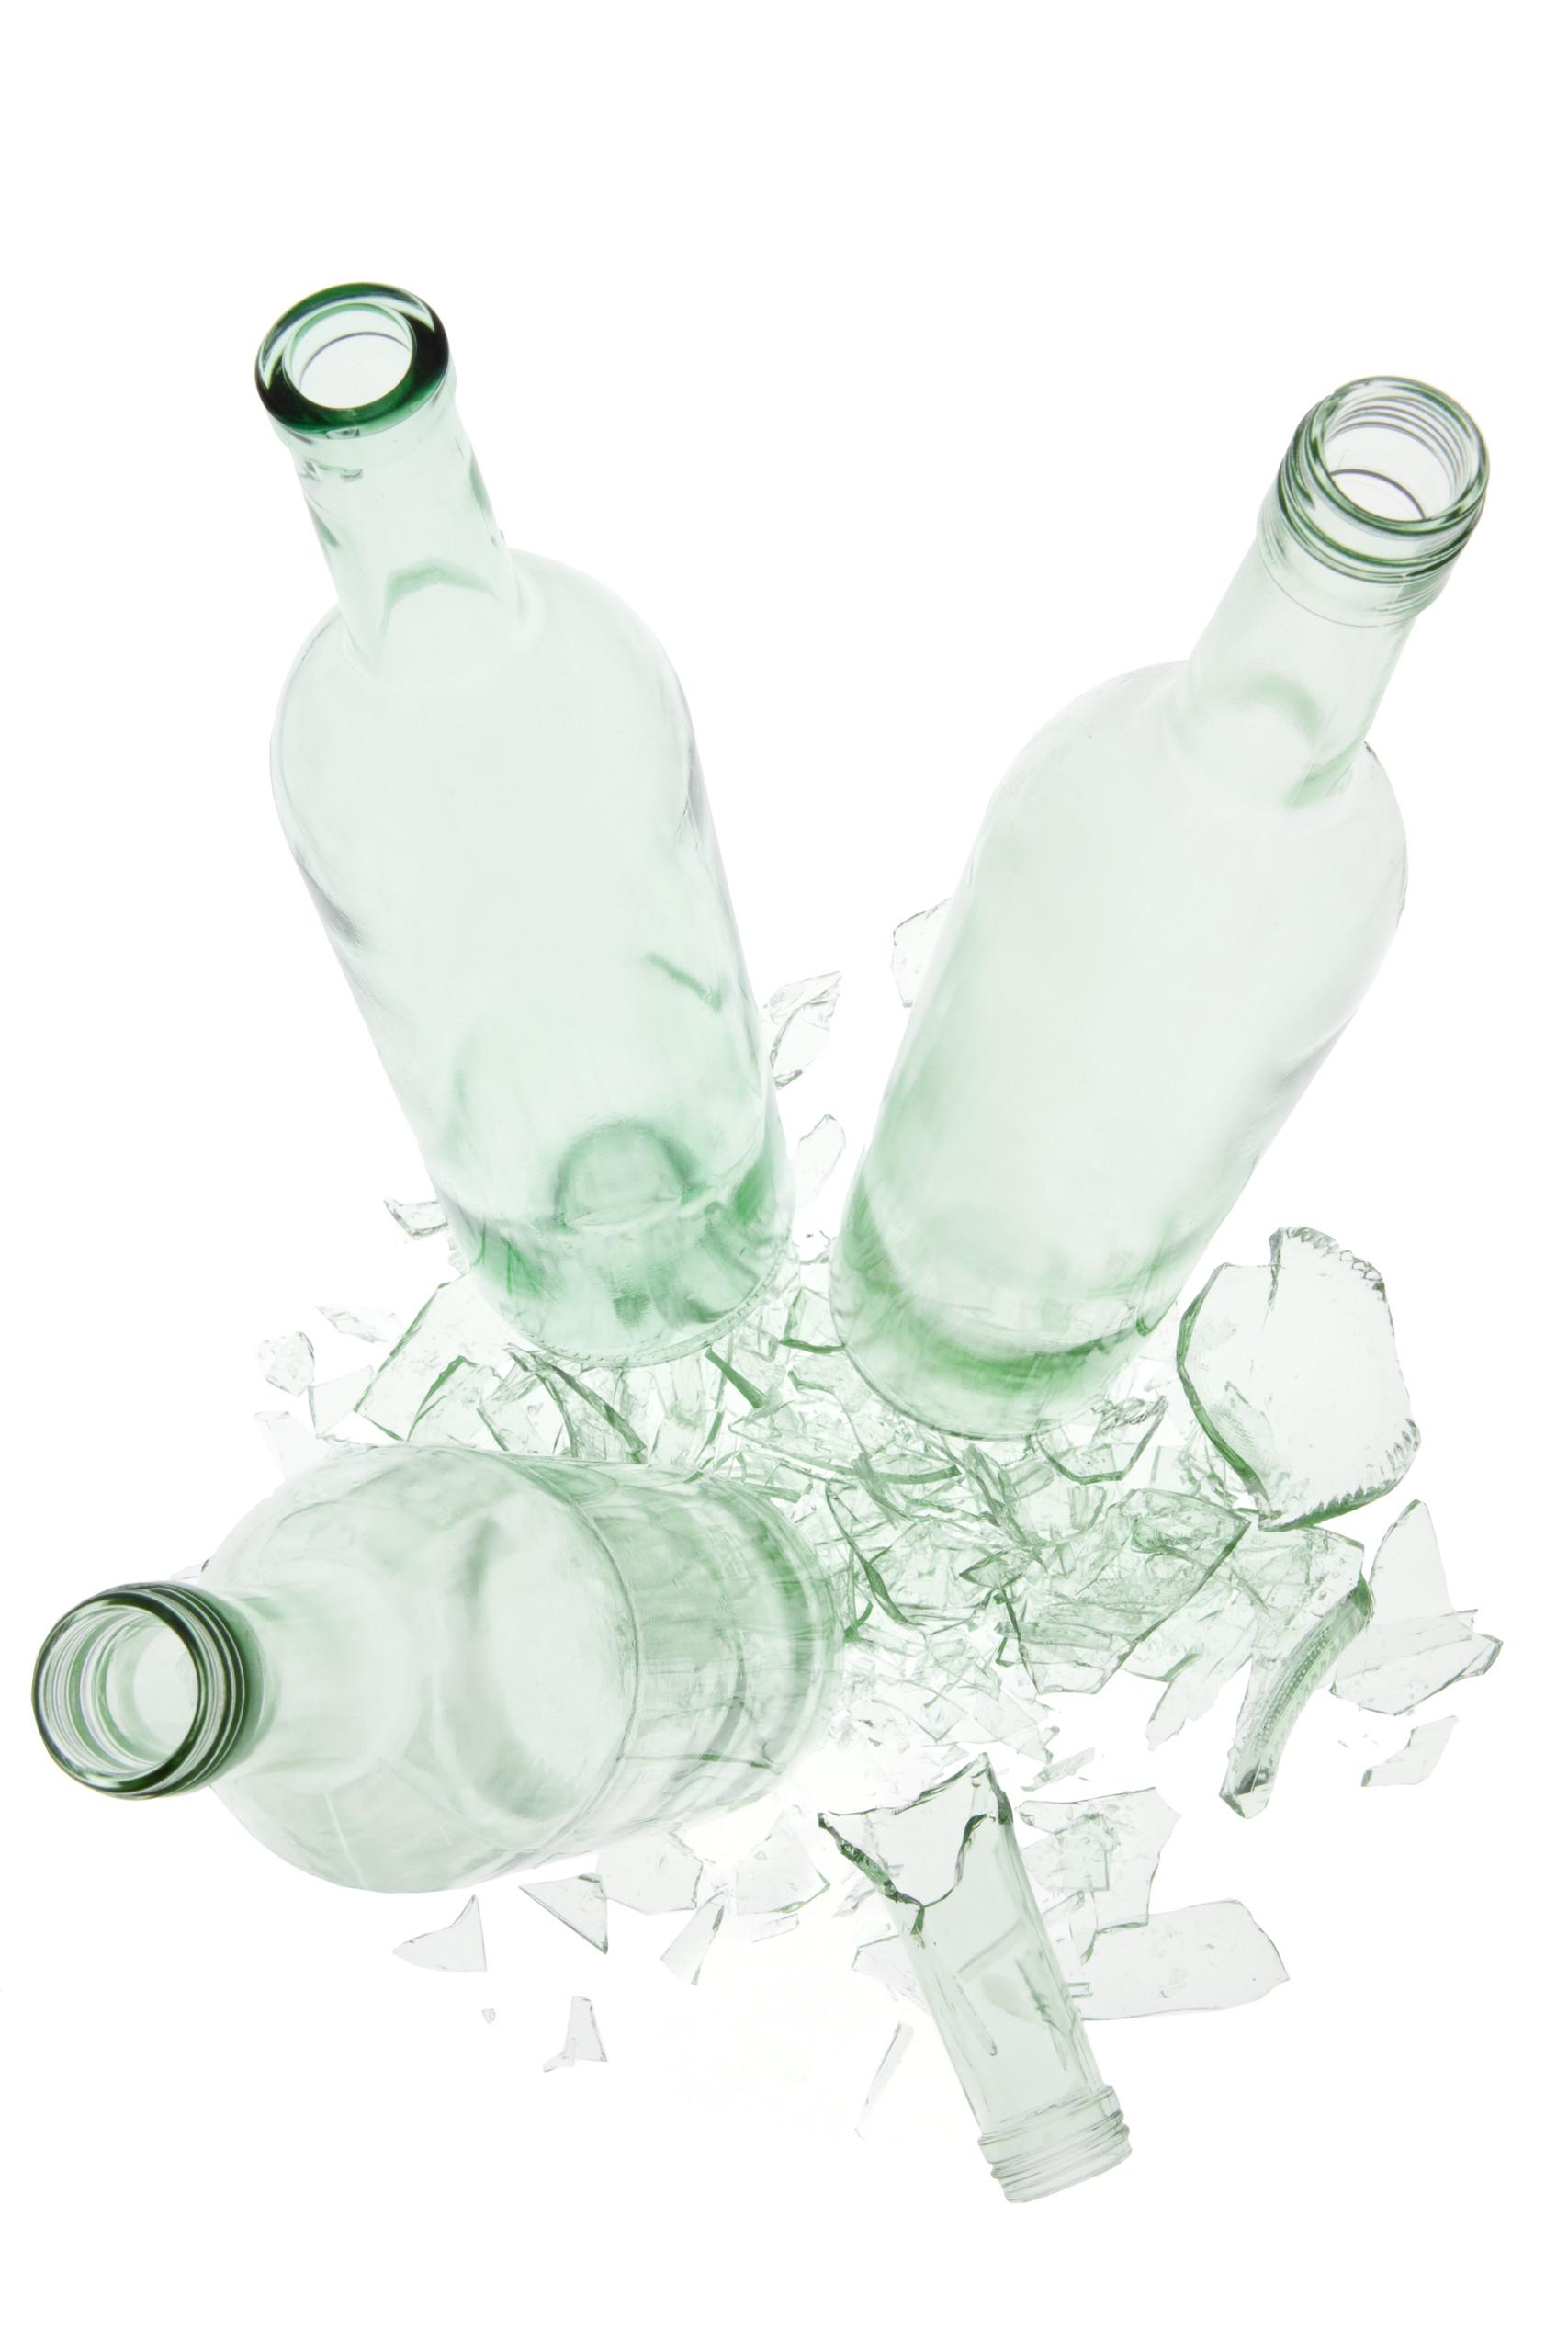 Drei hellgrüne leere Glasflaschen stehen auf den Scherben einer vierten hellgrünen Glasflasche.